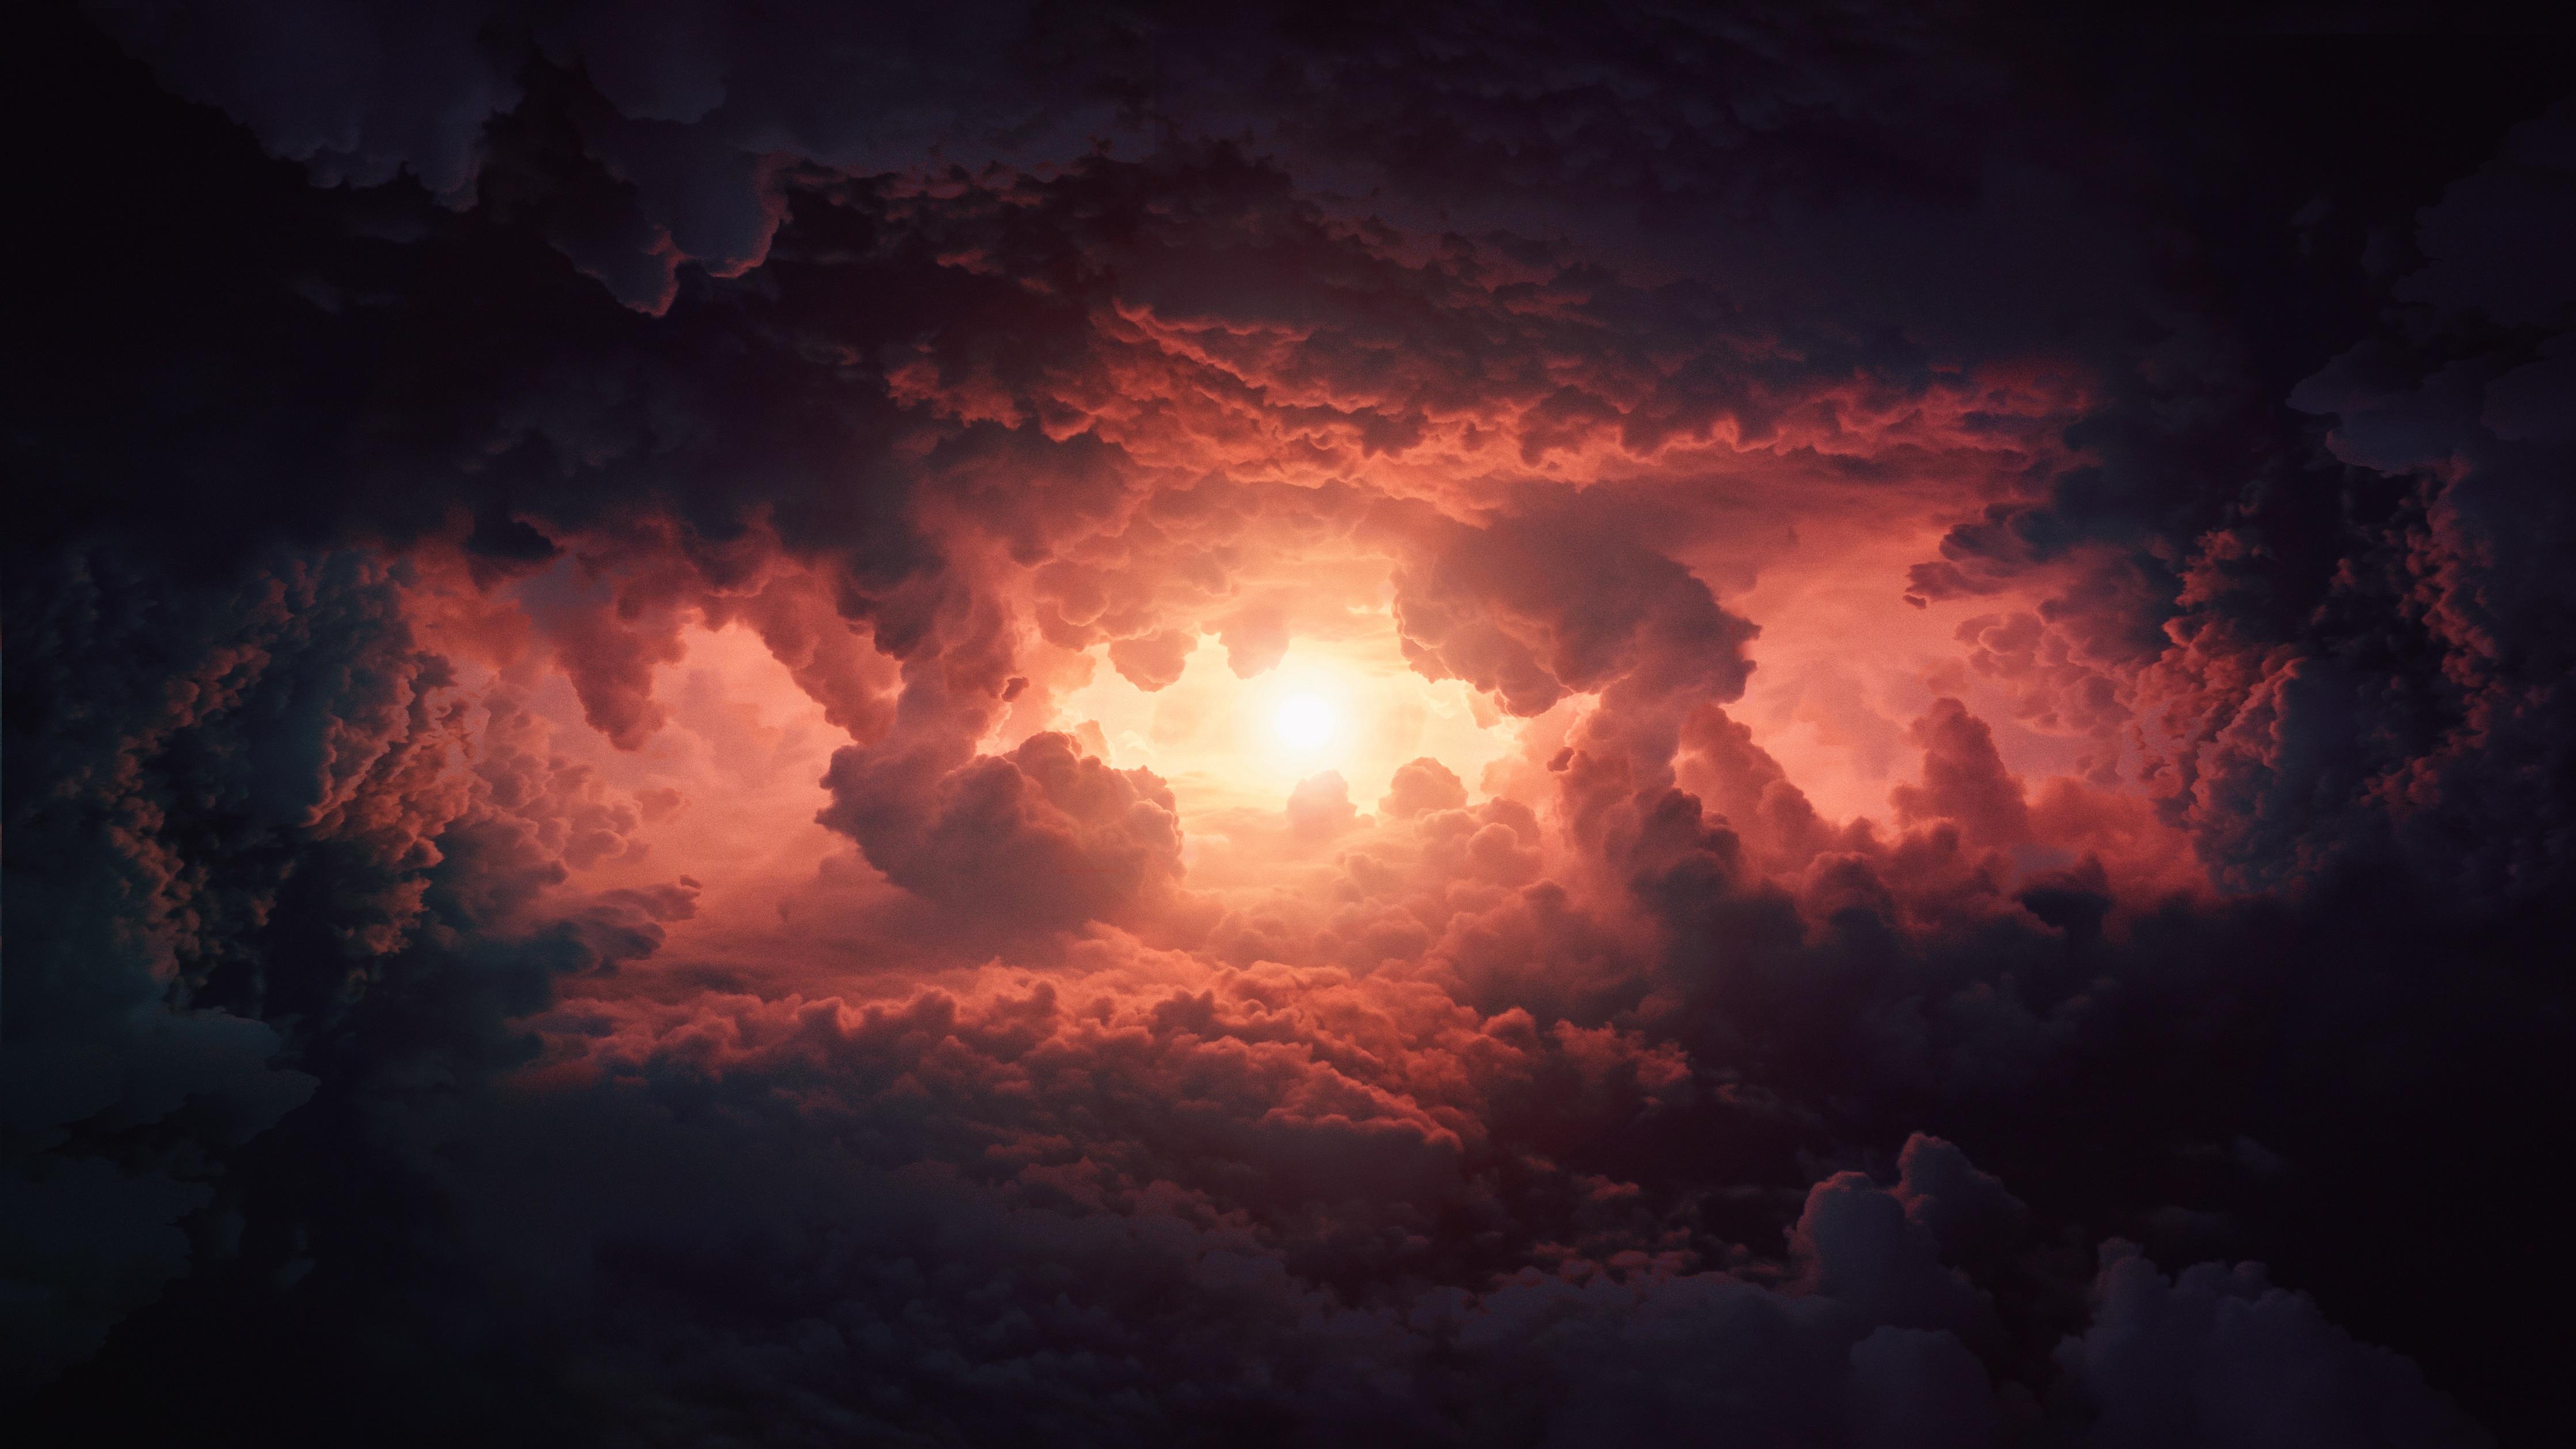 Storm Clouds In Sky 4k 4474x2517 Download Hd Wallpaper Wallpapertip